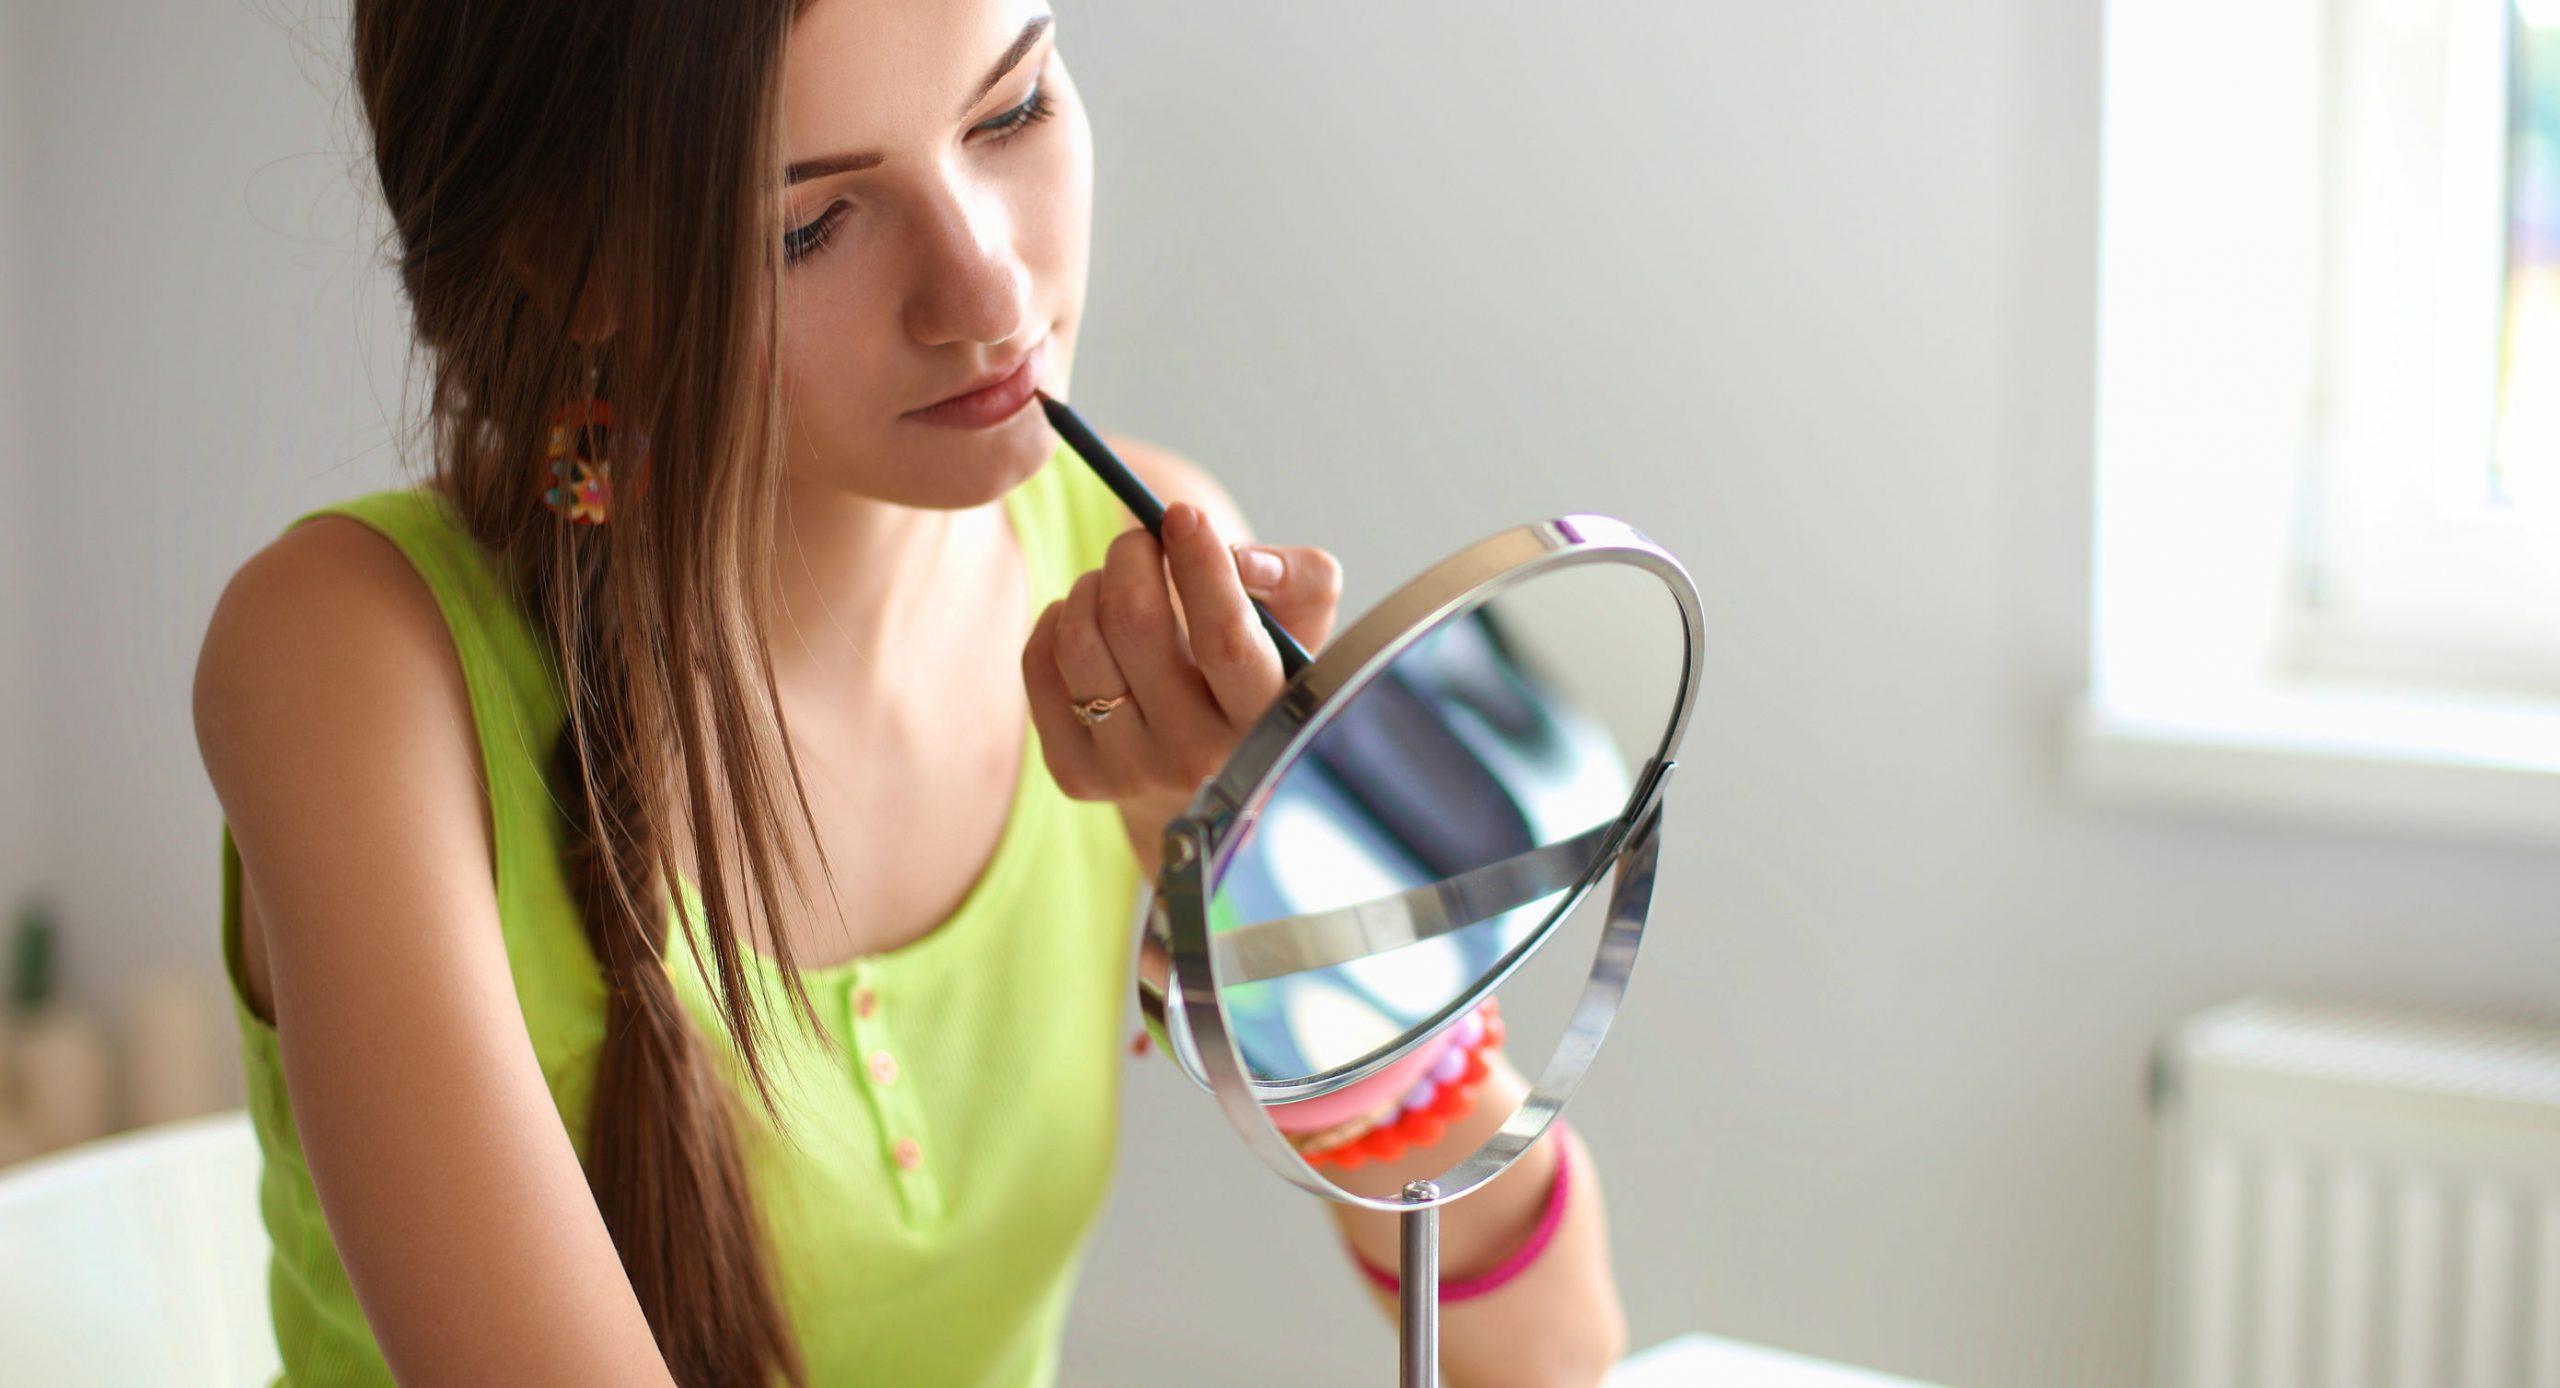 chica arreglandose con espejo